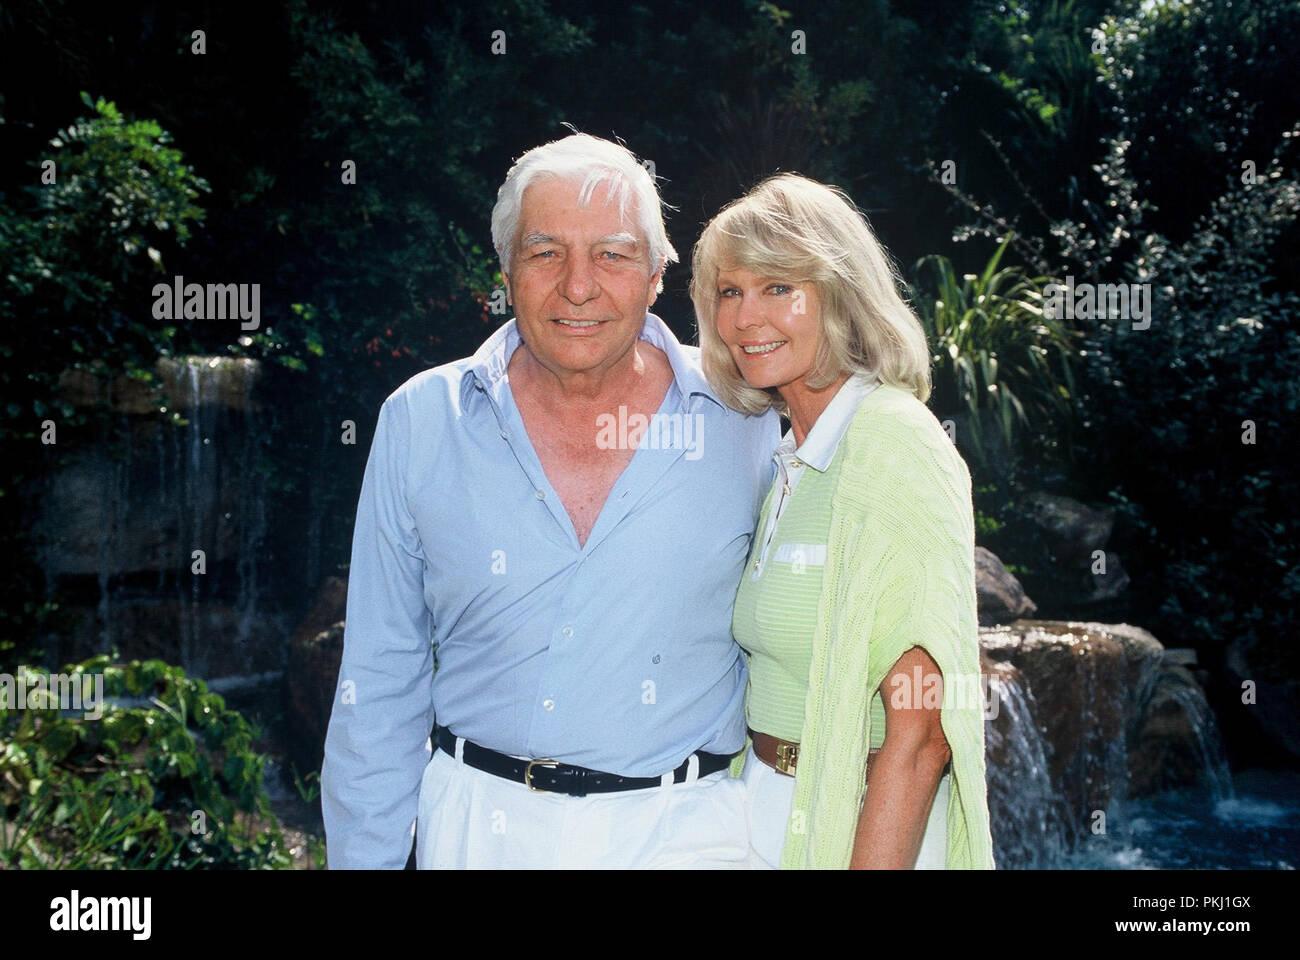 Gunter Sachs Mit Ehefrau Mirja Im Garten Mit Einem Kleinen Wasserfall Im  Hintergrund, 2000er.